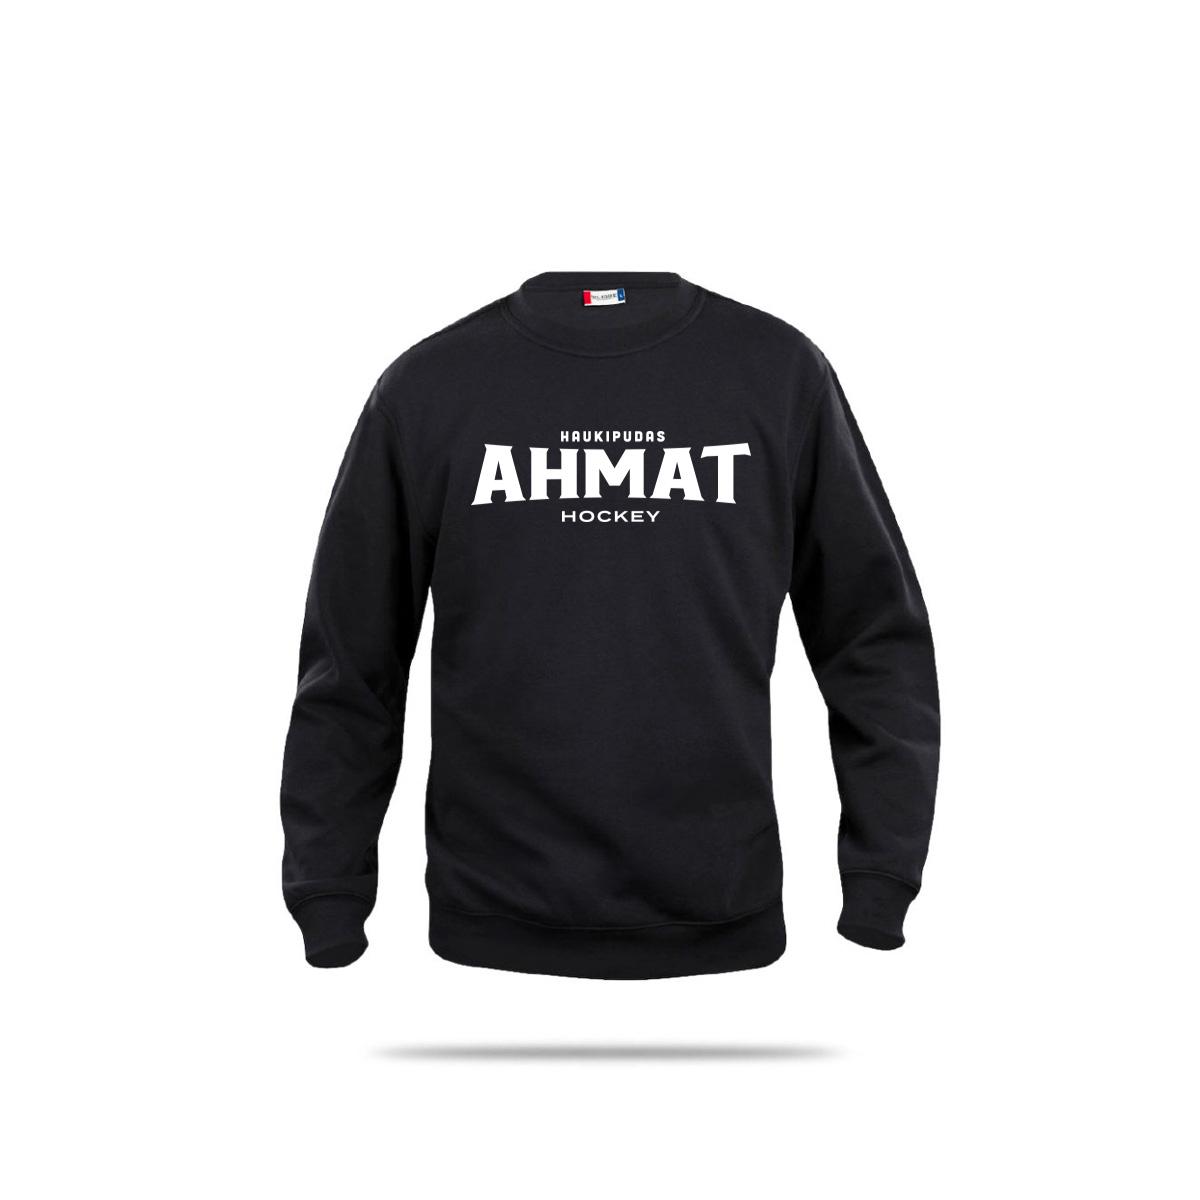 Ahmat-fani-3027-musta-text